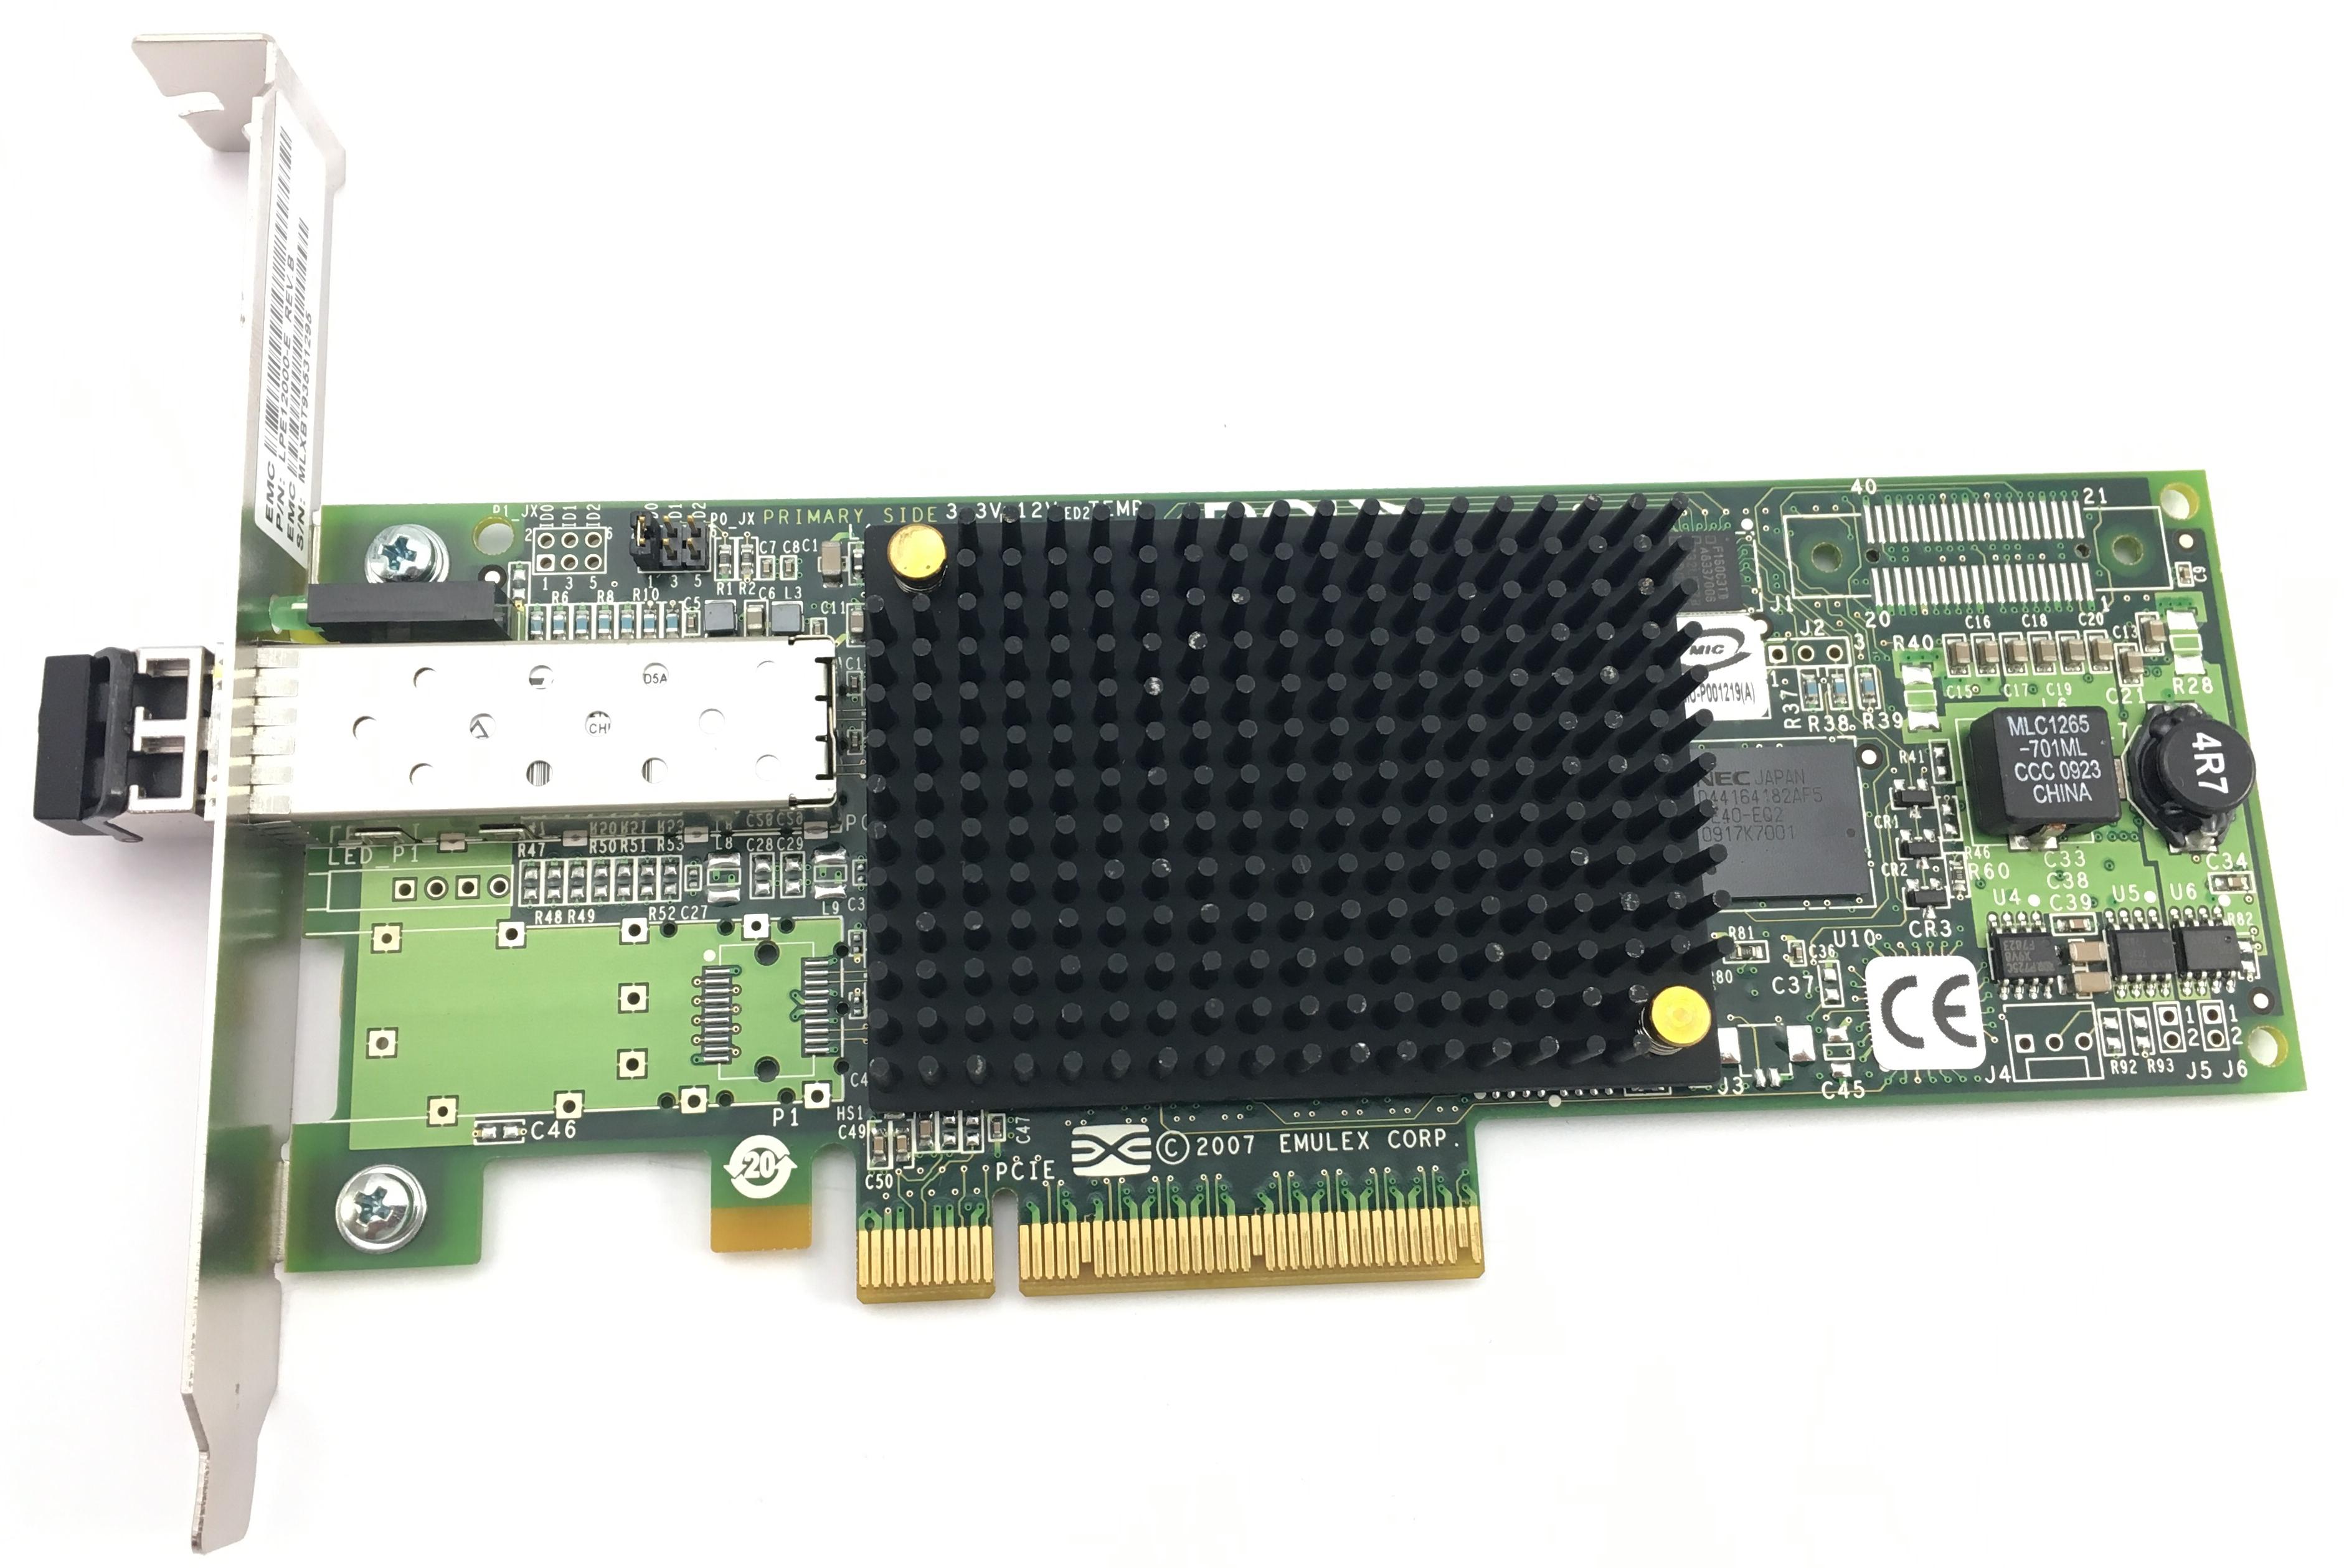 DELL EMULEX LPE12000 8GB PCI-E FC HBA W/ TRANSCEIVER (LPE12000-E)